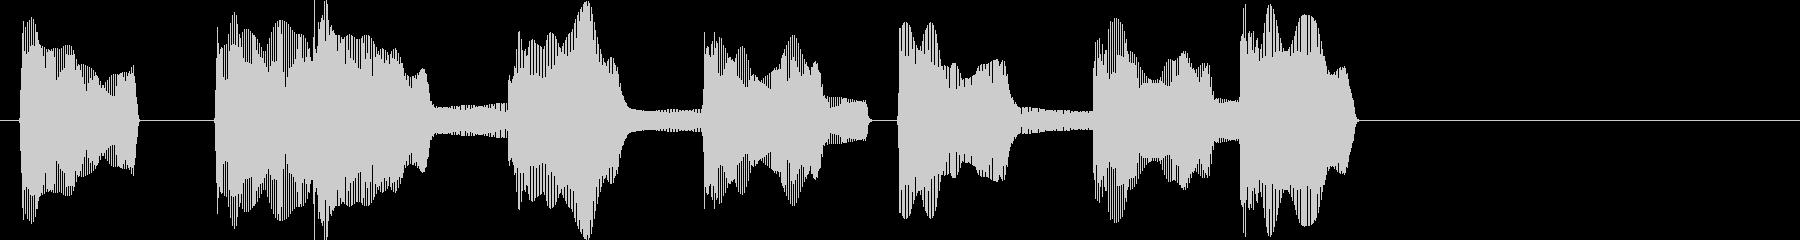 負けた時の残念な音01の未再生の波形